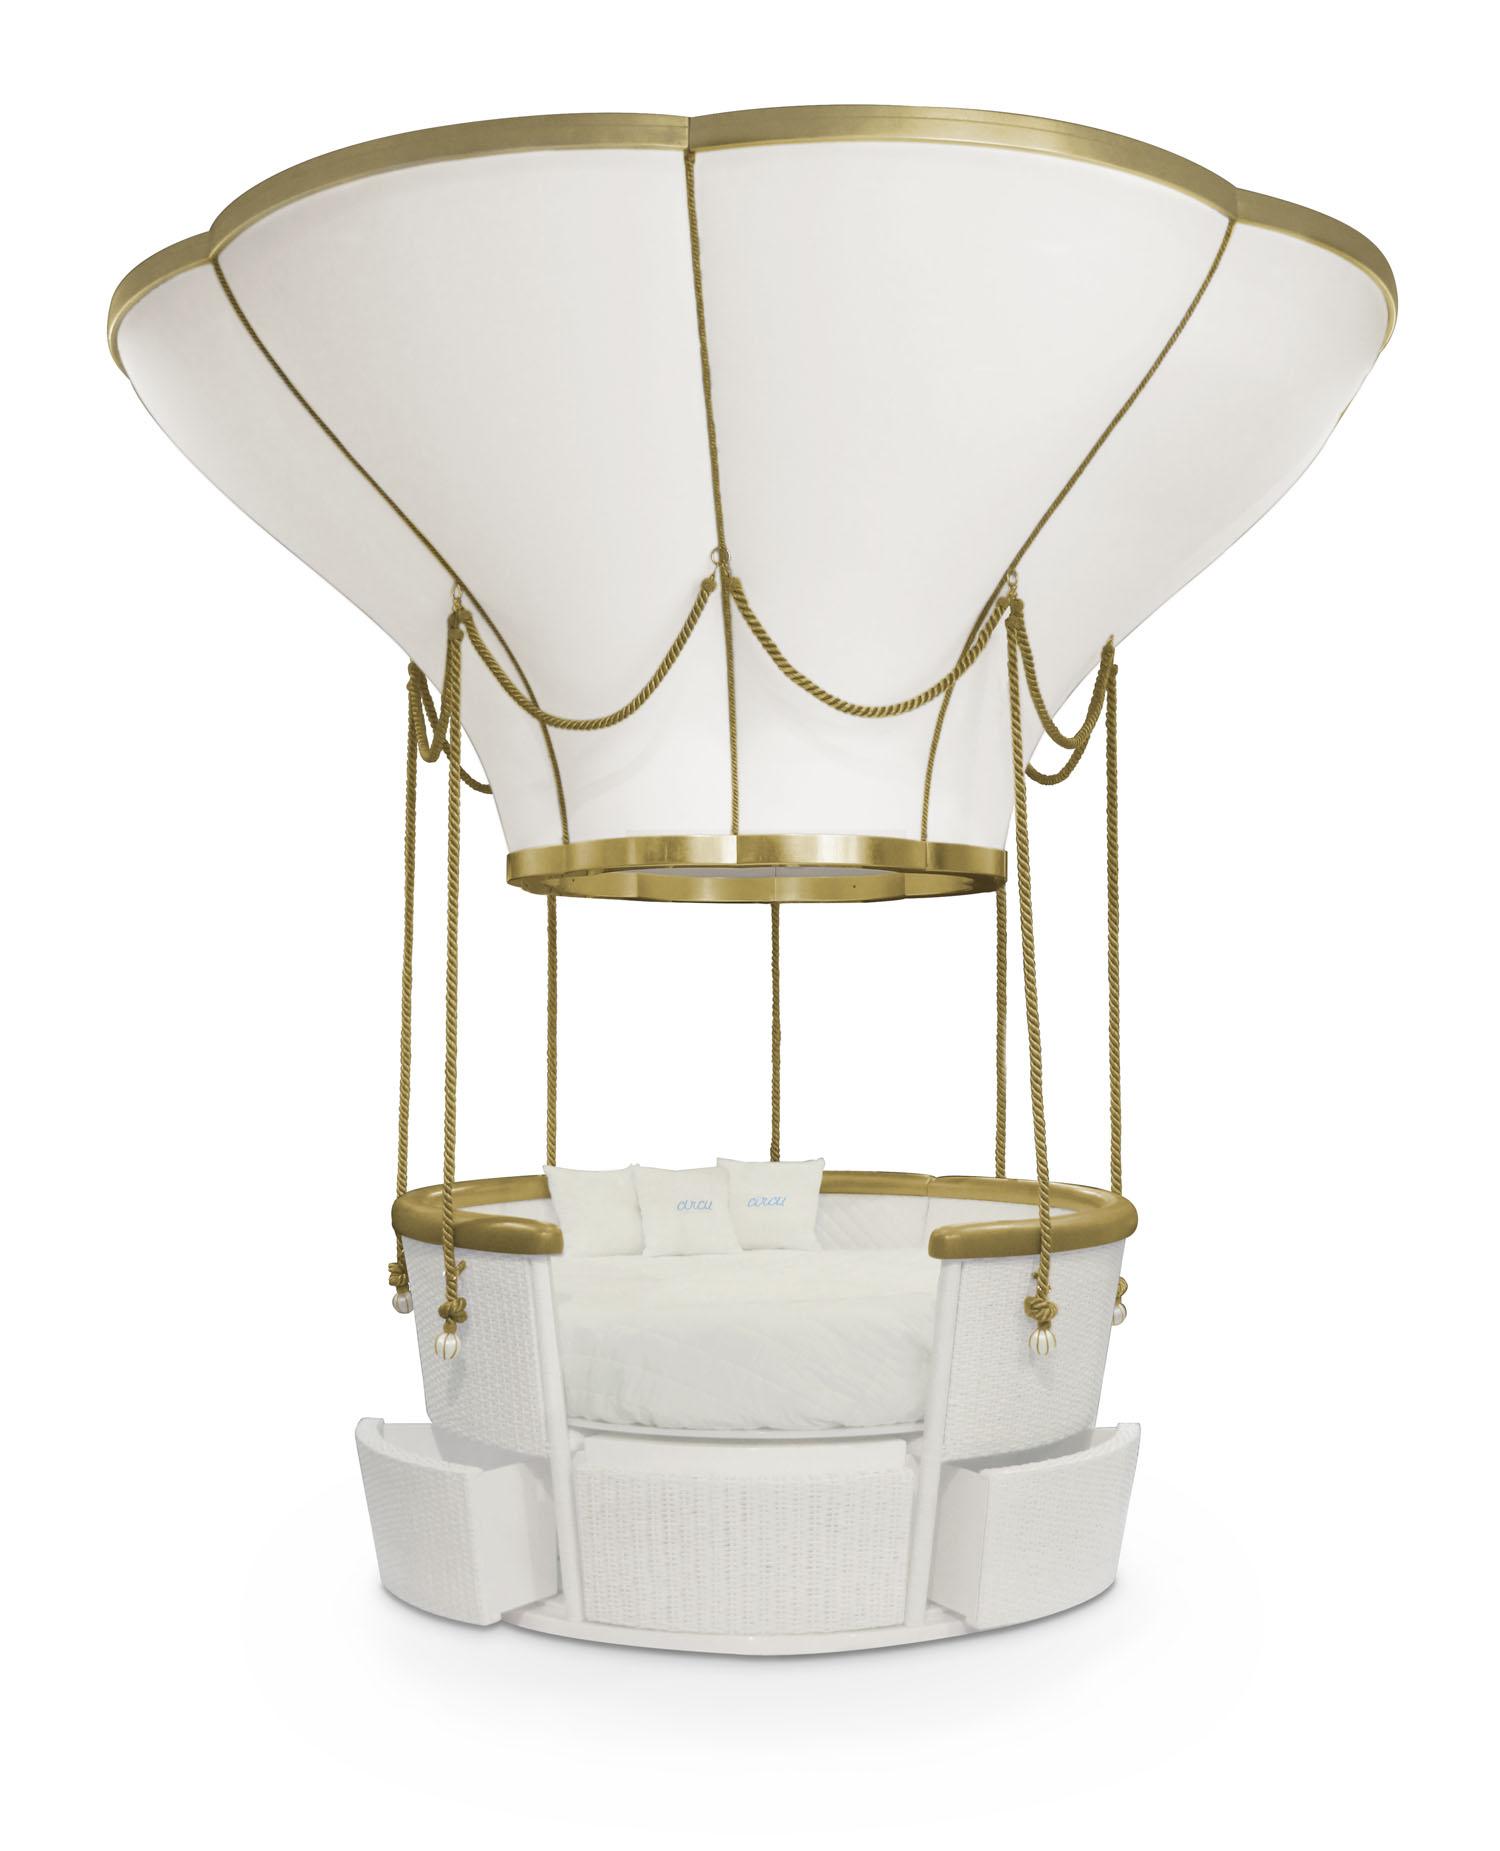 fantasy-balloon-detail-circu-magical-furniture-02